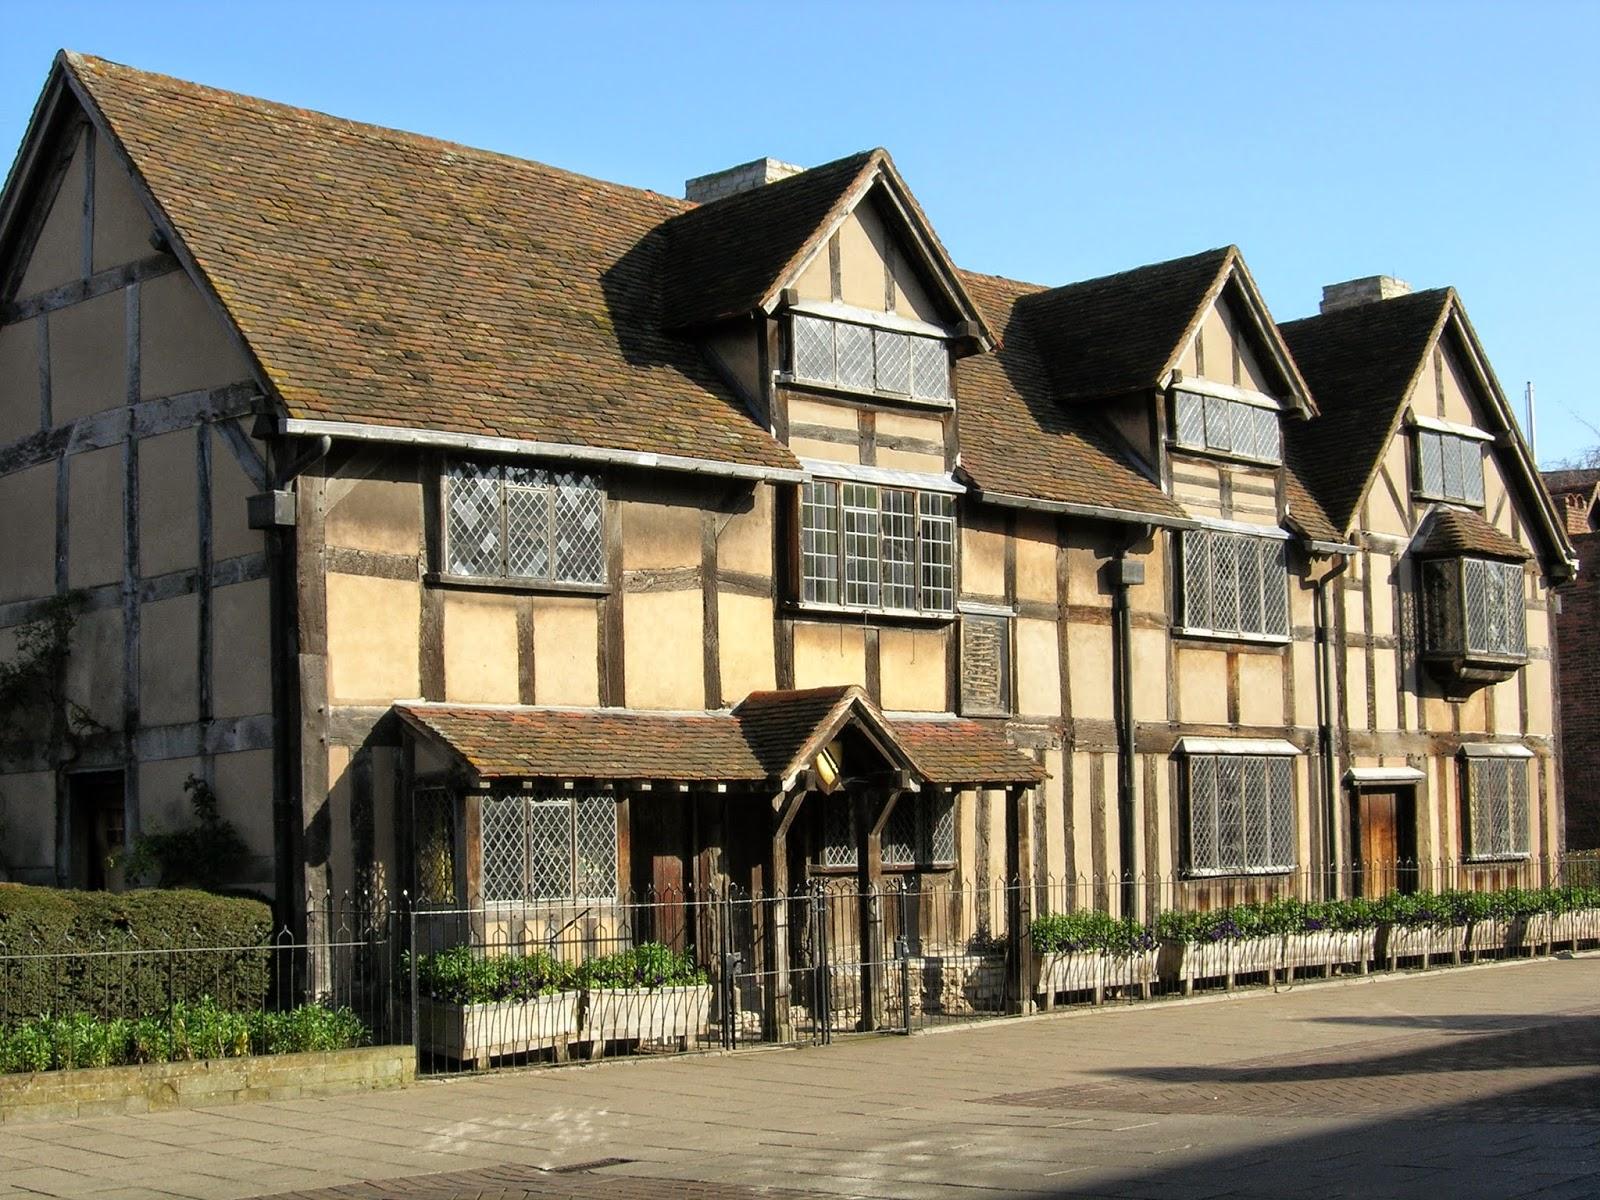 Shakespeares Birthplace Stratford On Avon